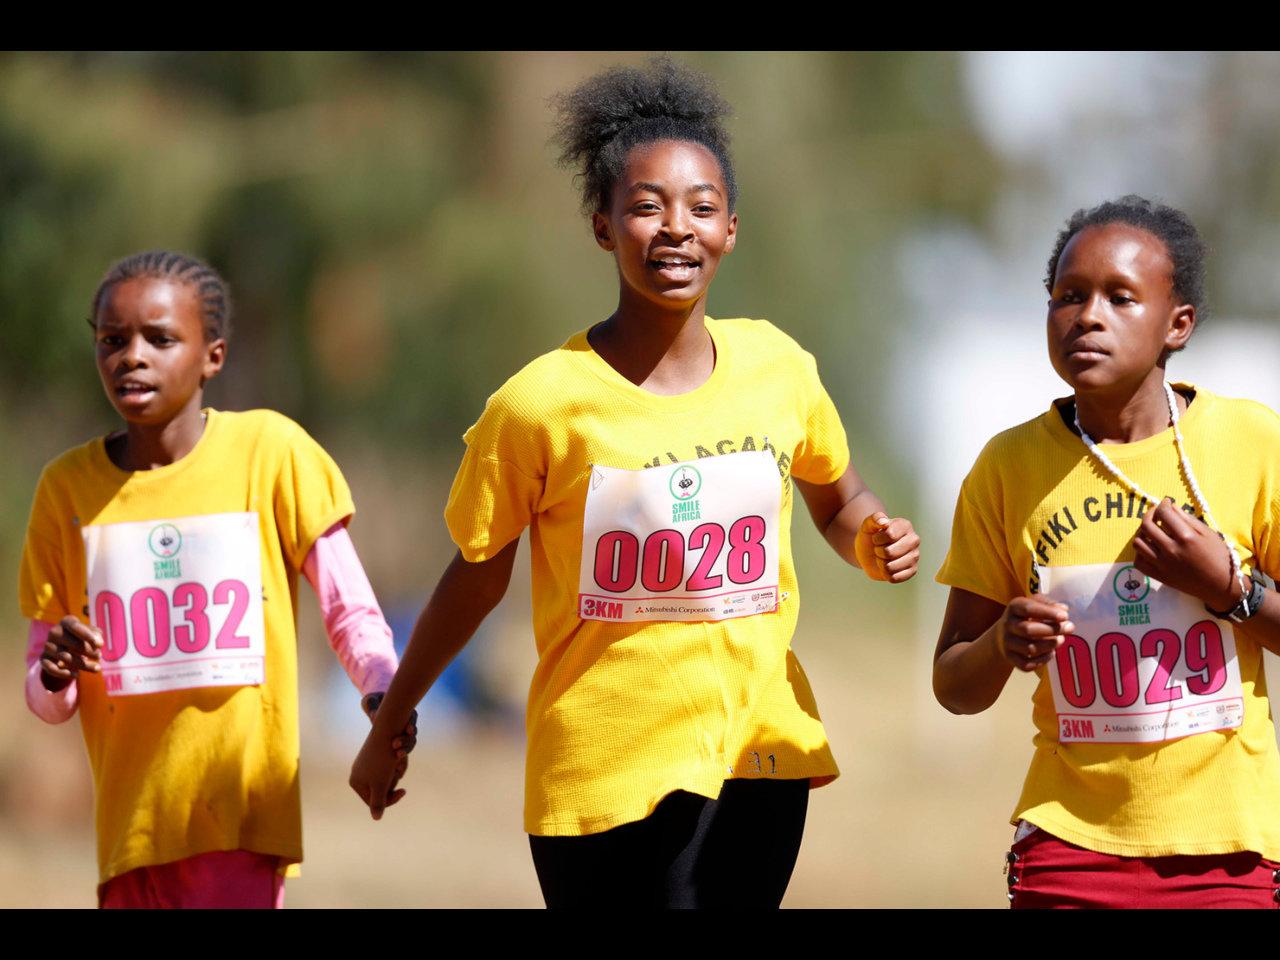 「ソトコト10キロ&5キロラン2018」を、ケニア・ナイロビ近郊で開催します。